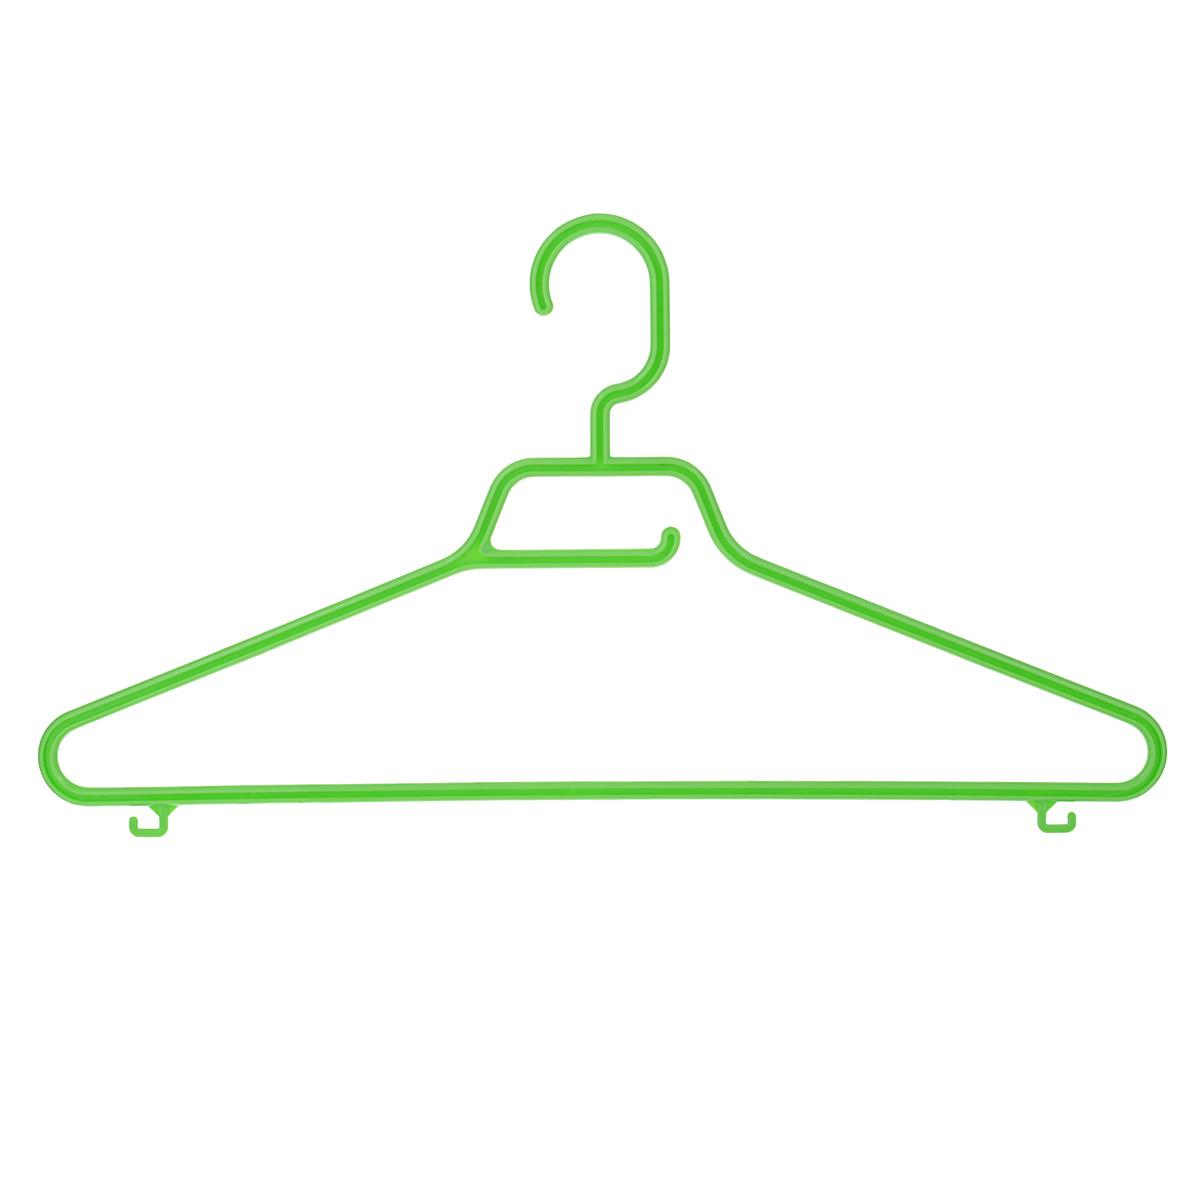 Вешалка М-пластика Лайт, цвет: салатовыйS03301004Вешалка М-пластика Лайт выполнена из прочного пластика.Изделие оснащено перекладиной и тремя крючками.Вешалка - это незаменимая вещь для того, чтобы ваша одежда всегда оставалась в хорошем состоянии.